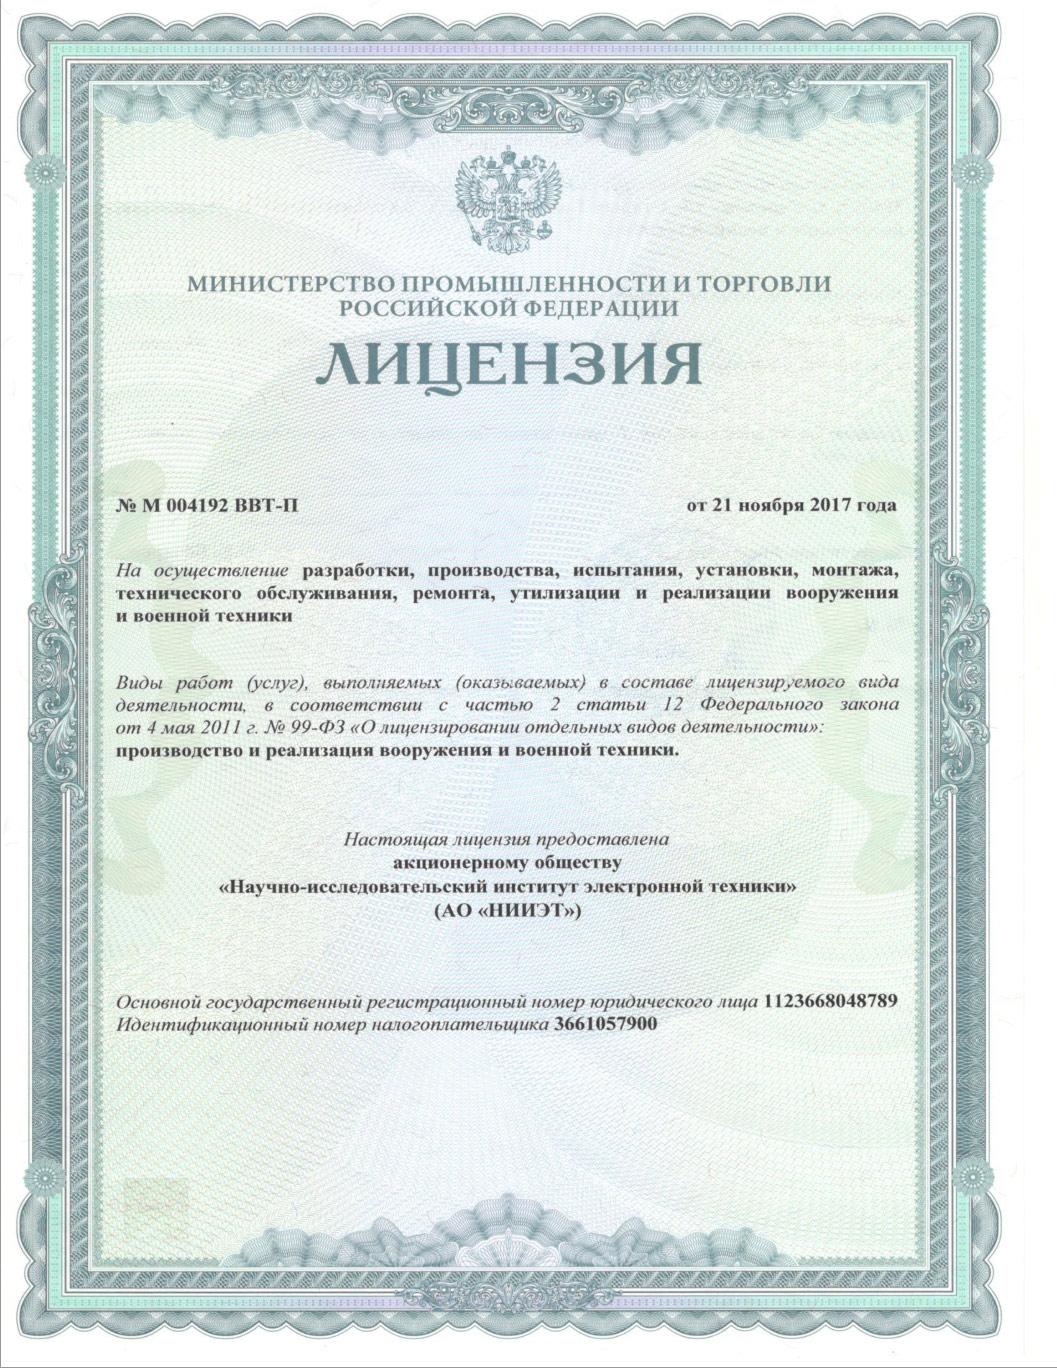 Лицензия_М-004192-ВВТ-П-от-21.11